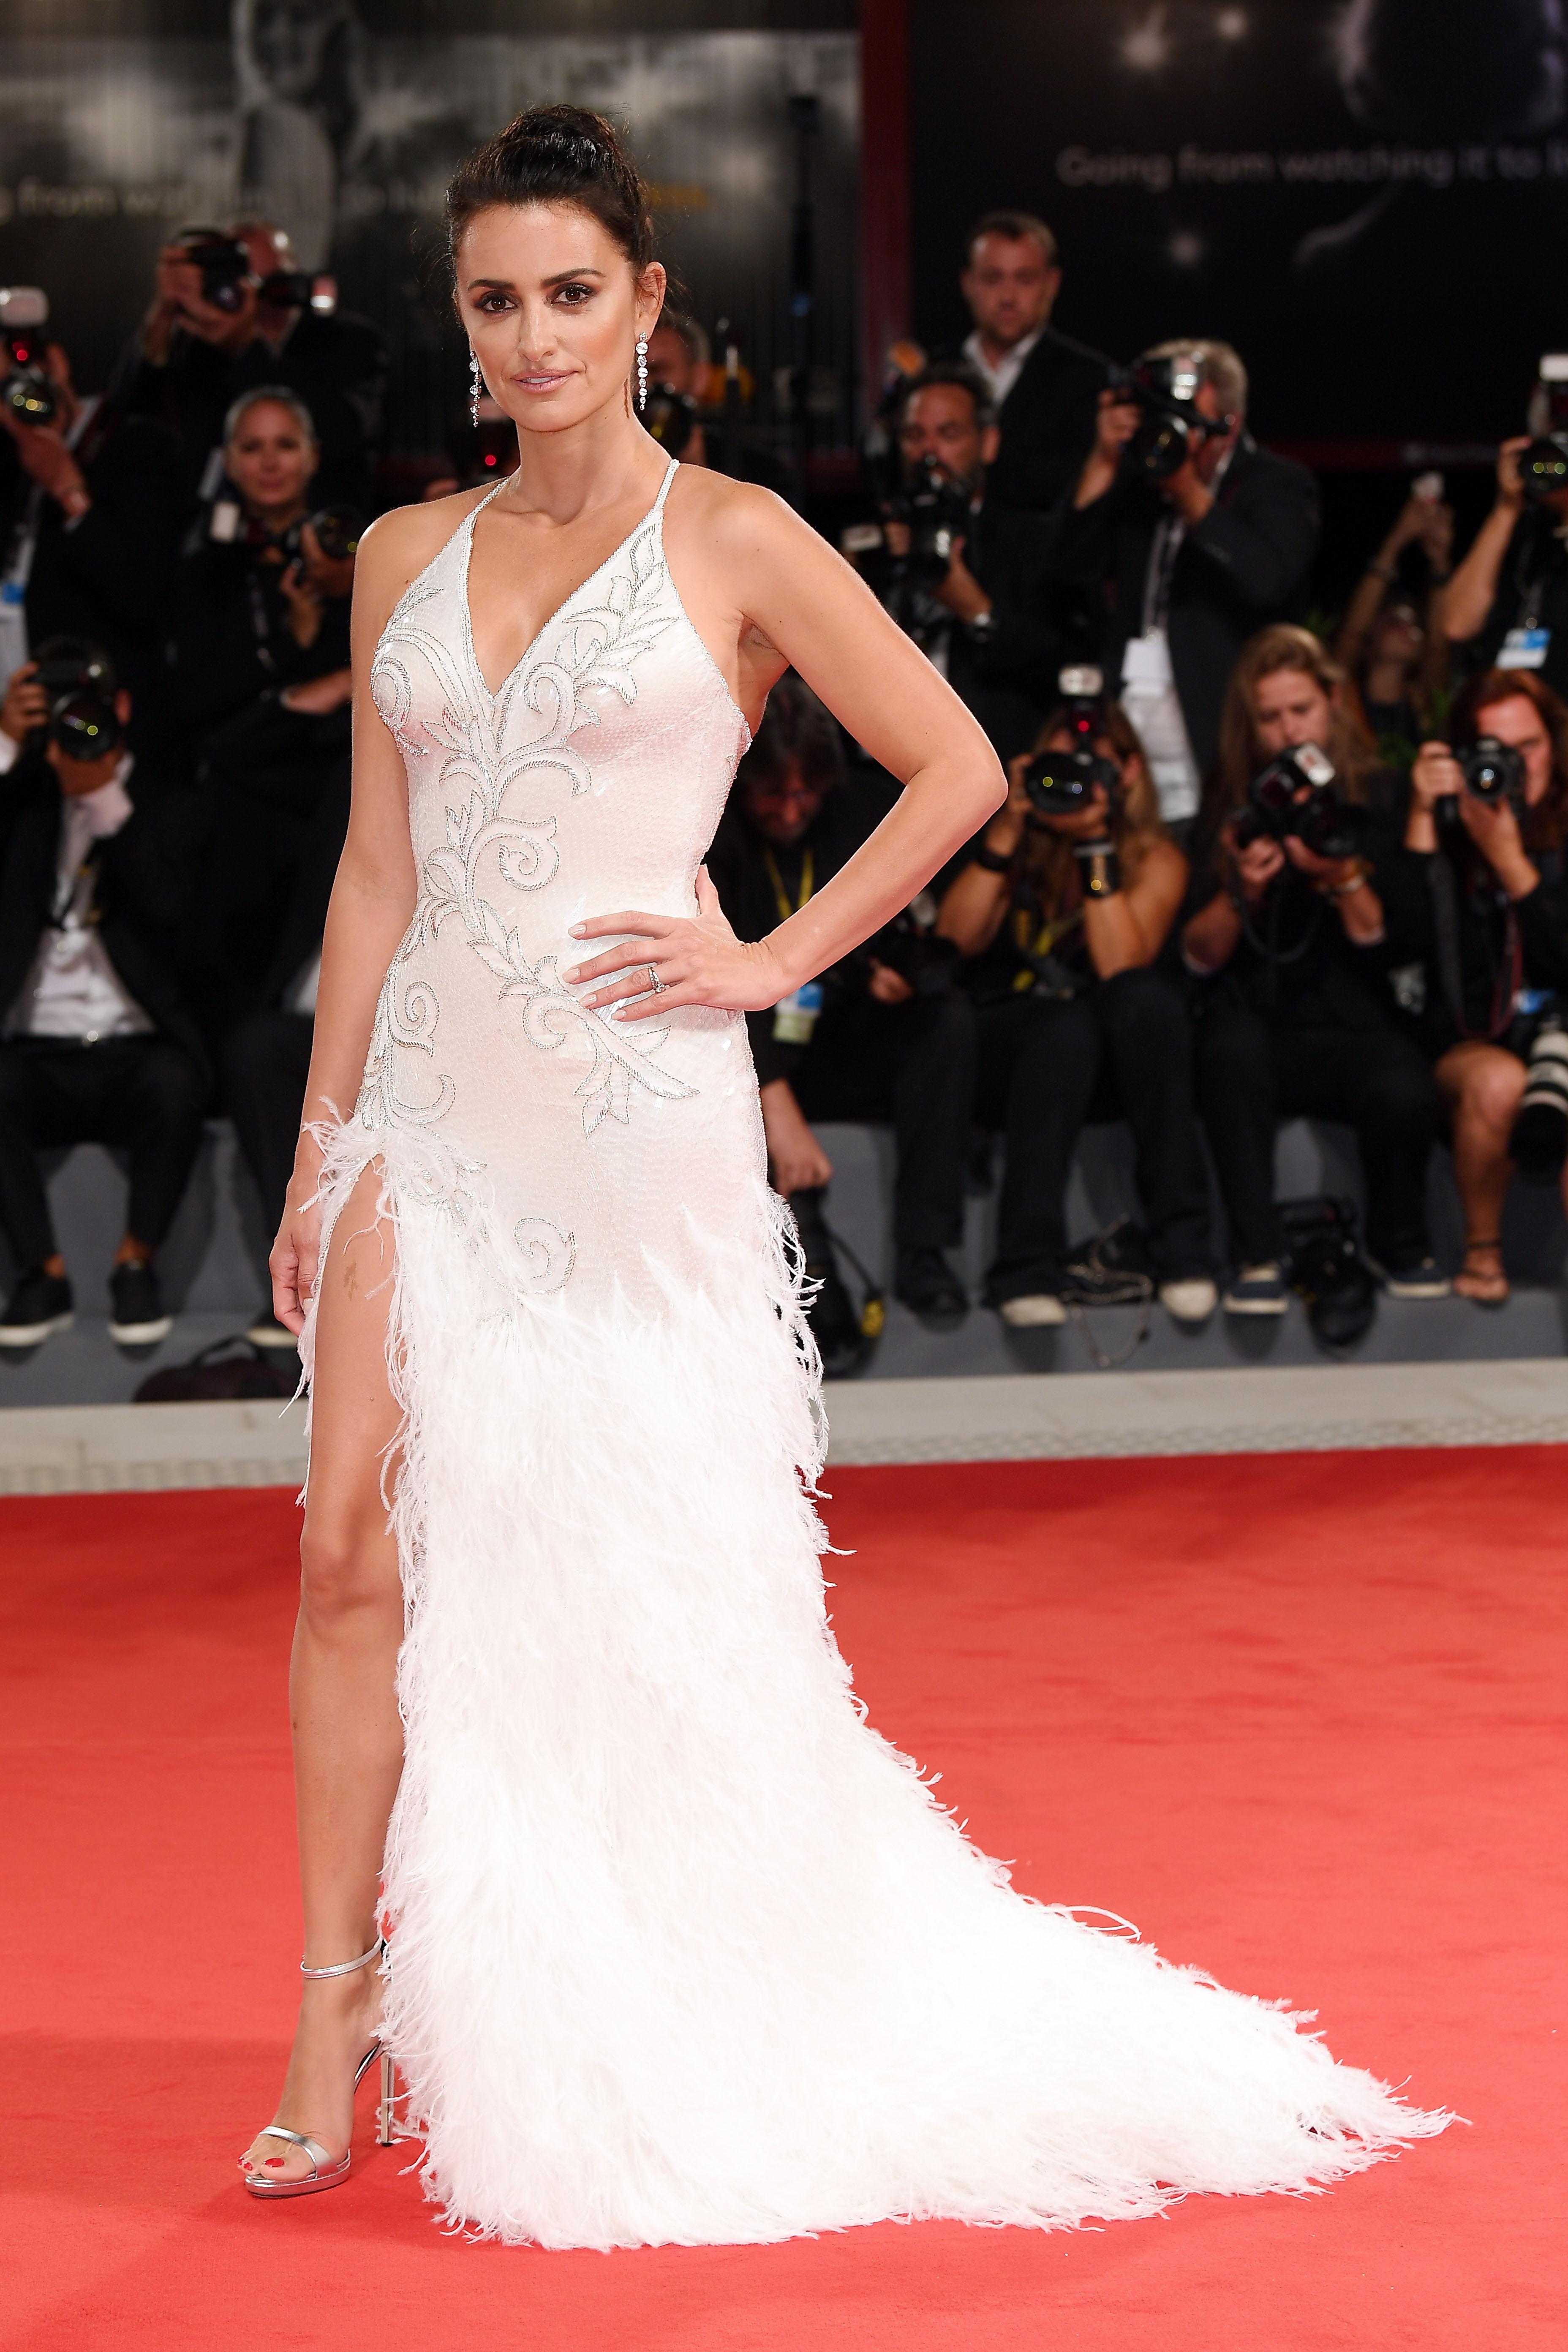 Penelope Cruz, estilo, looks, moda, venecia